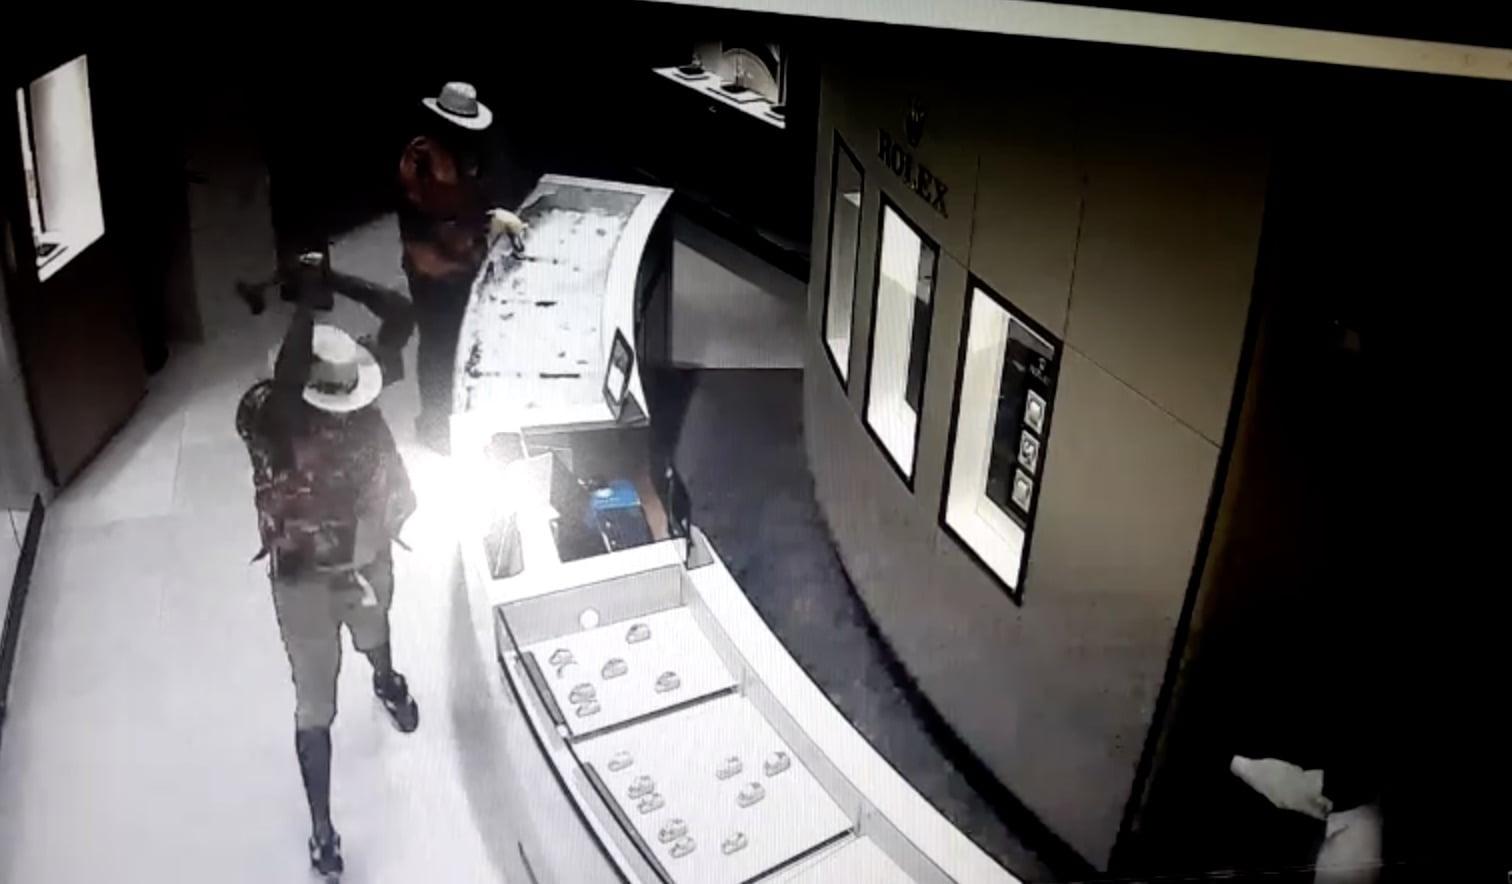 Second suspect arrest in Atlantis jewelry heist